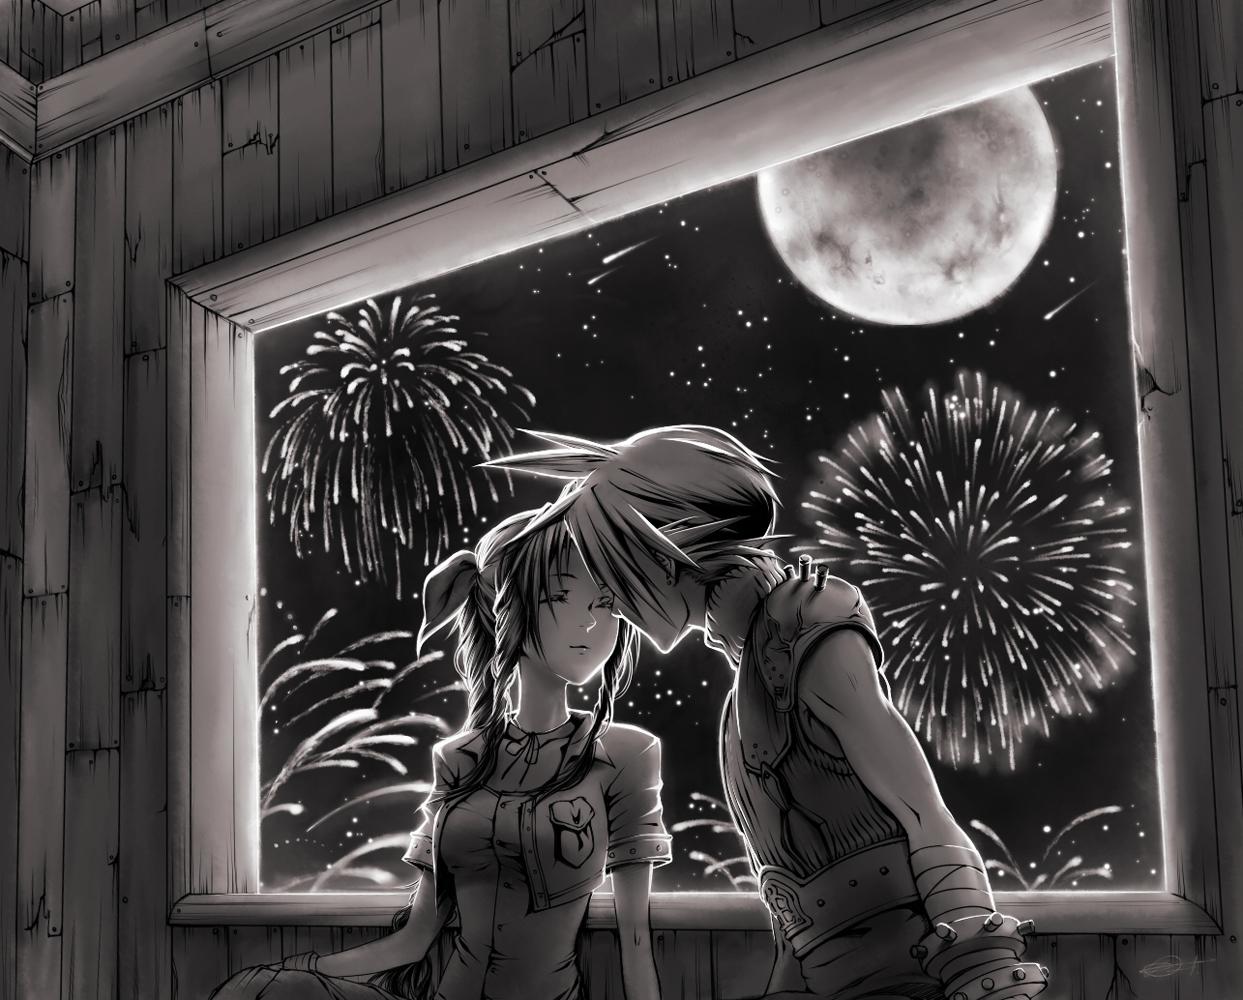 aerith_gainsborough cloud_strife final_fantasy final_fantasy_vii long_hair monochrome moon night short_hair stars